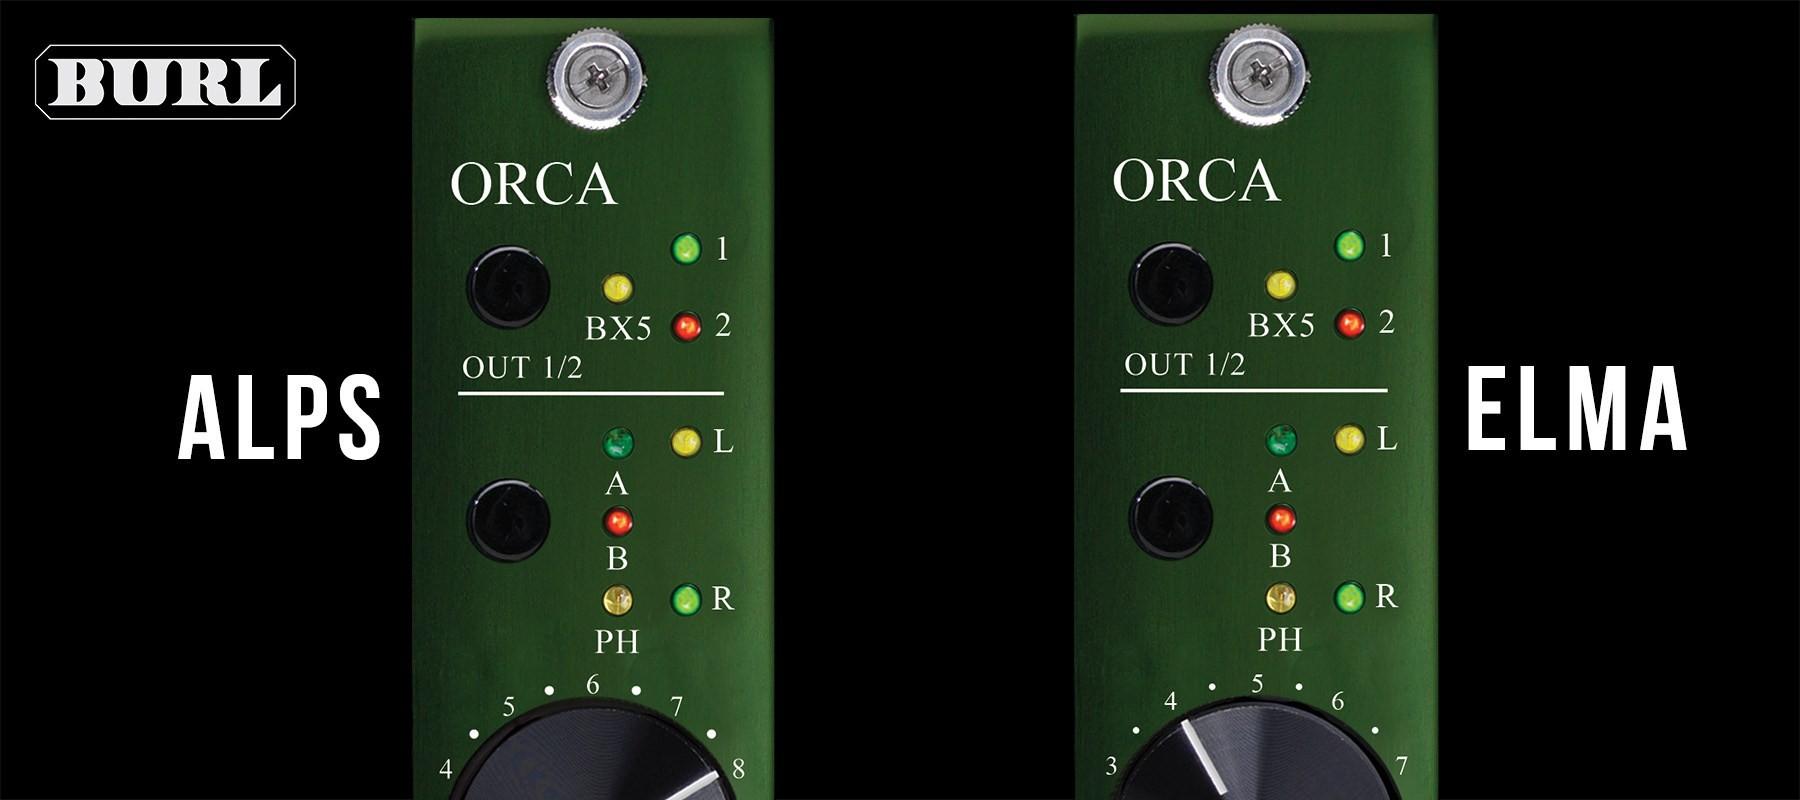 Burl Audio B22 ORCA Alps & ELMA Top